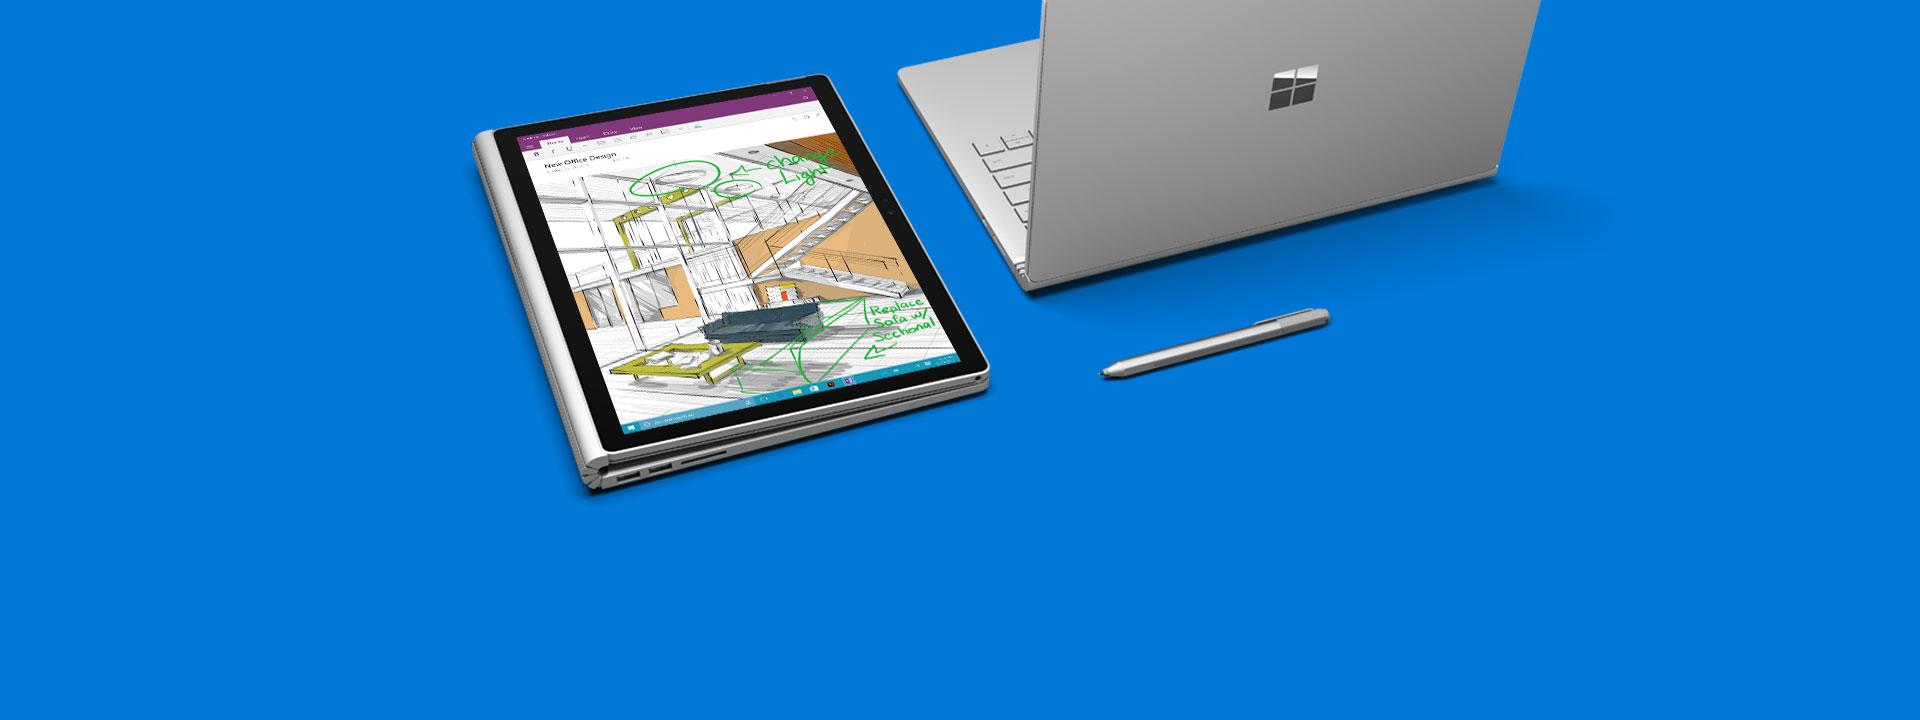 En savoir plus sur Surface Book.